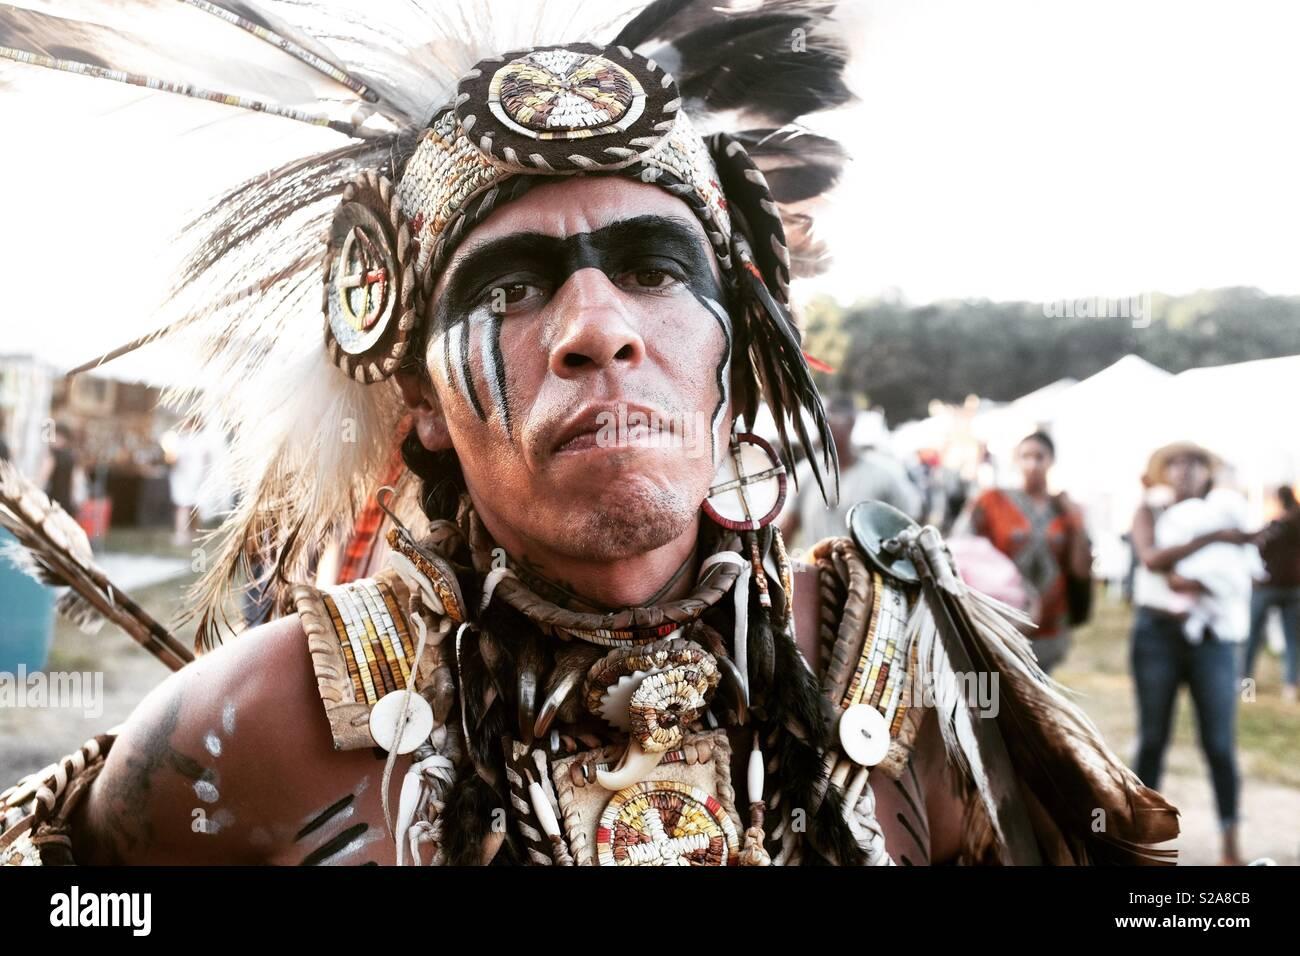 Un chef amérindien au Shinnecock Pow-wow. Photo Stock